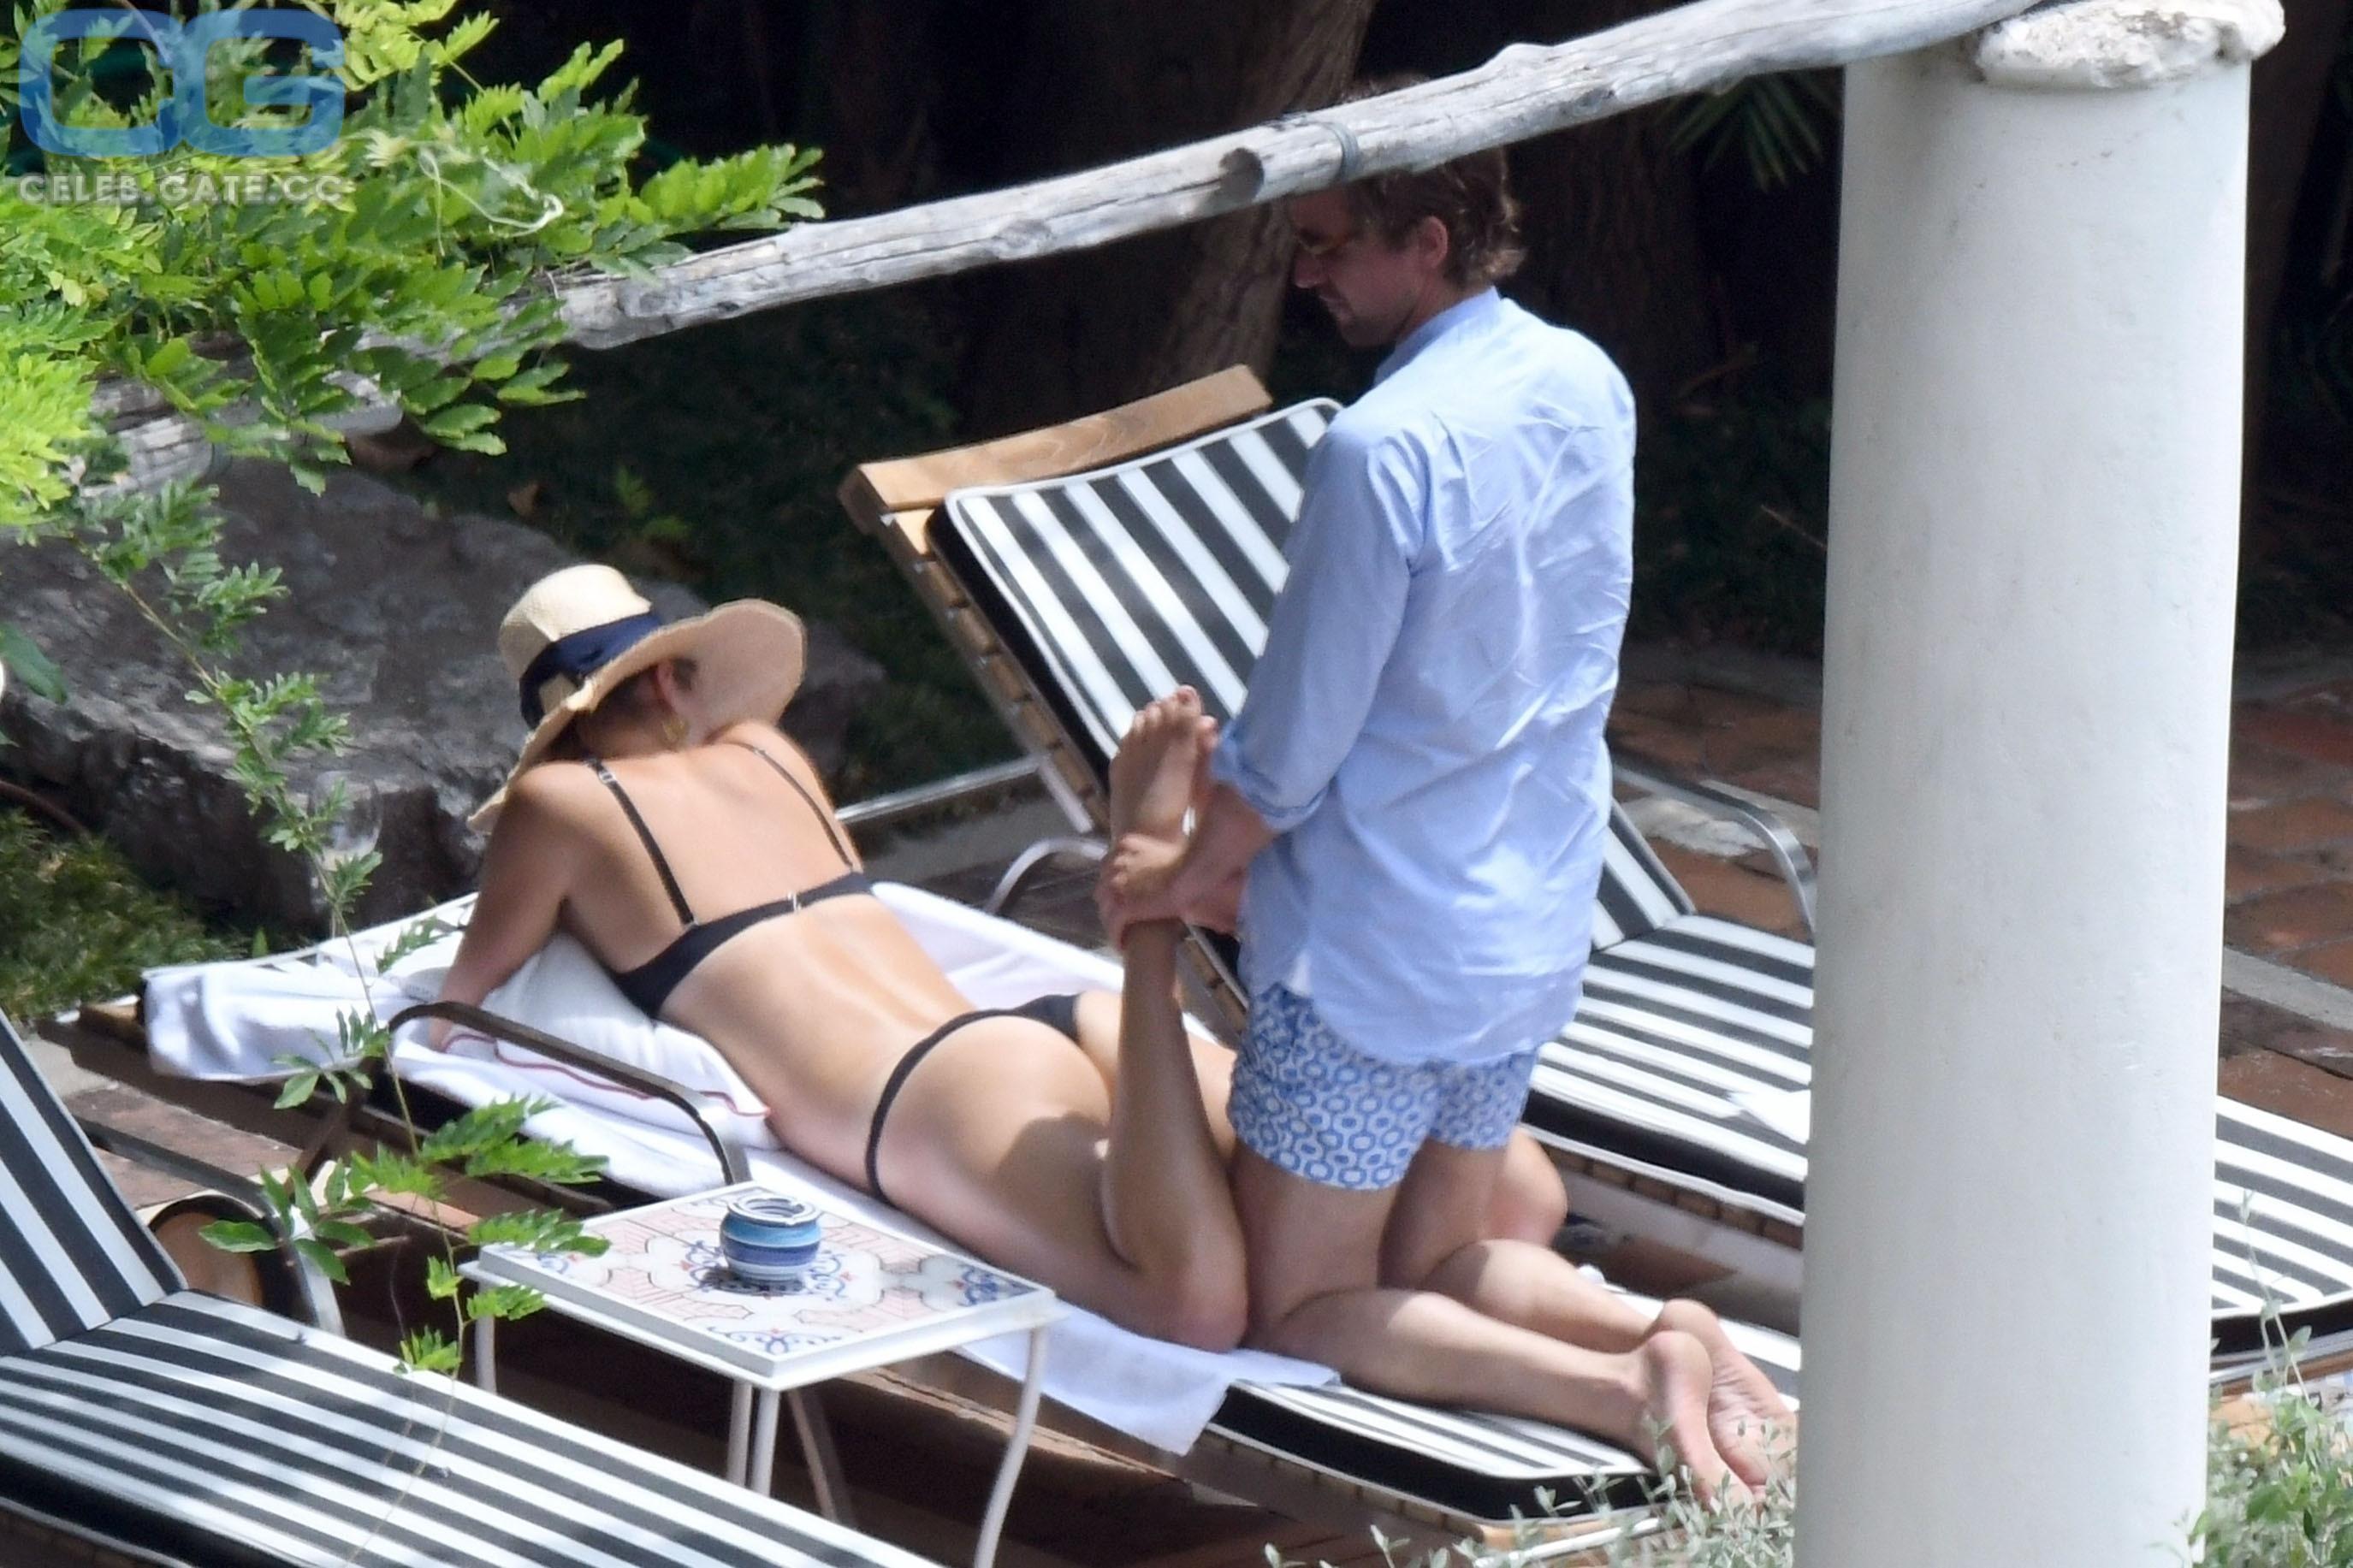 Maria sharapova naked